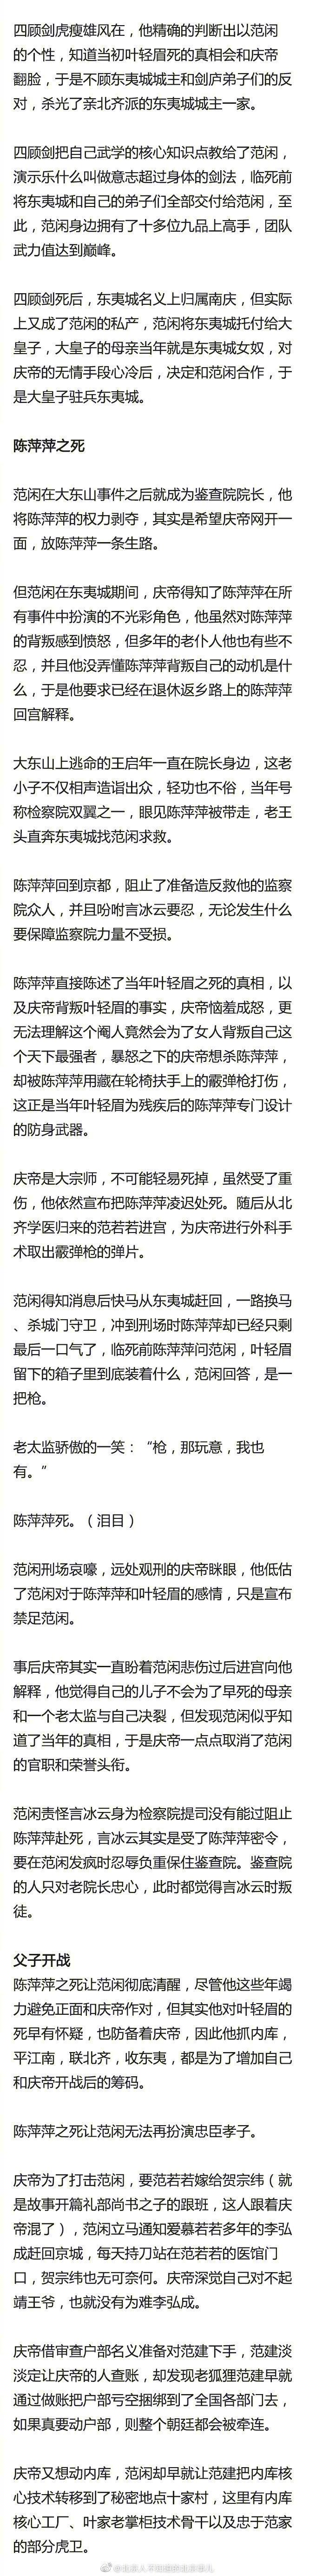 《庆余年》第二季剧本筹备中 剧透《庆余年》讲的是什么故事? liuliushe.net六六社 第10张